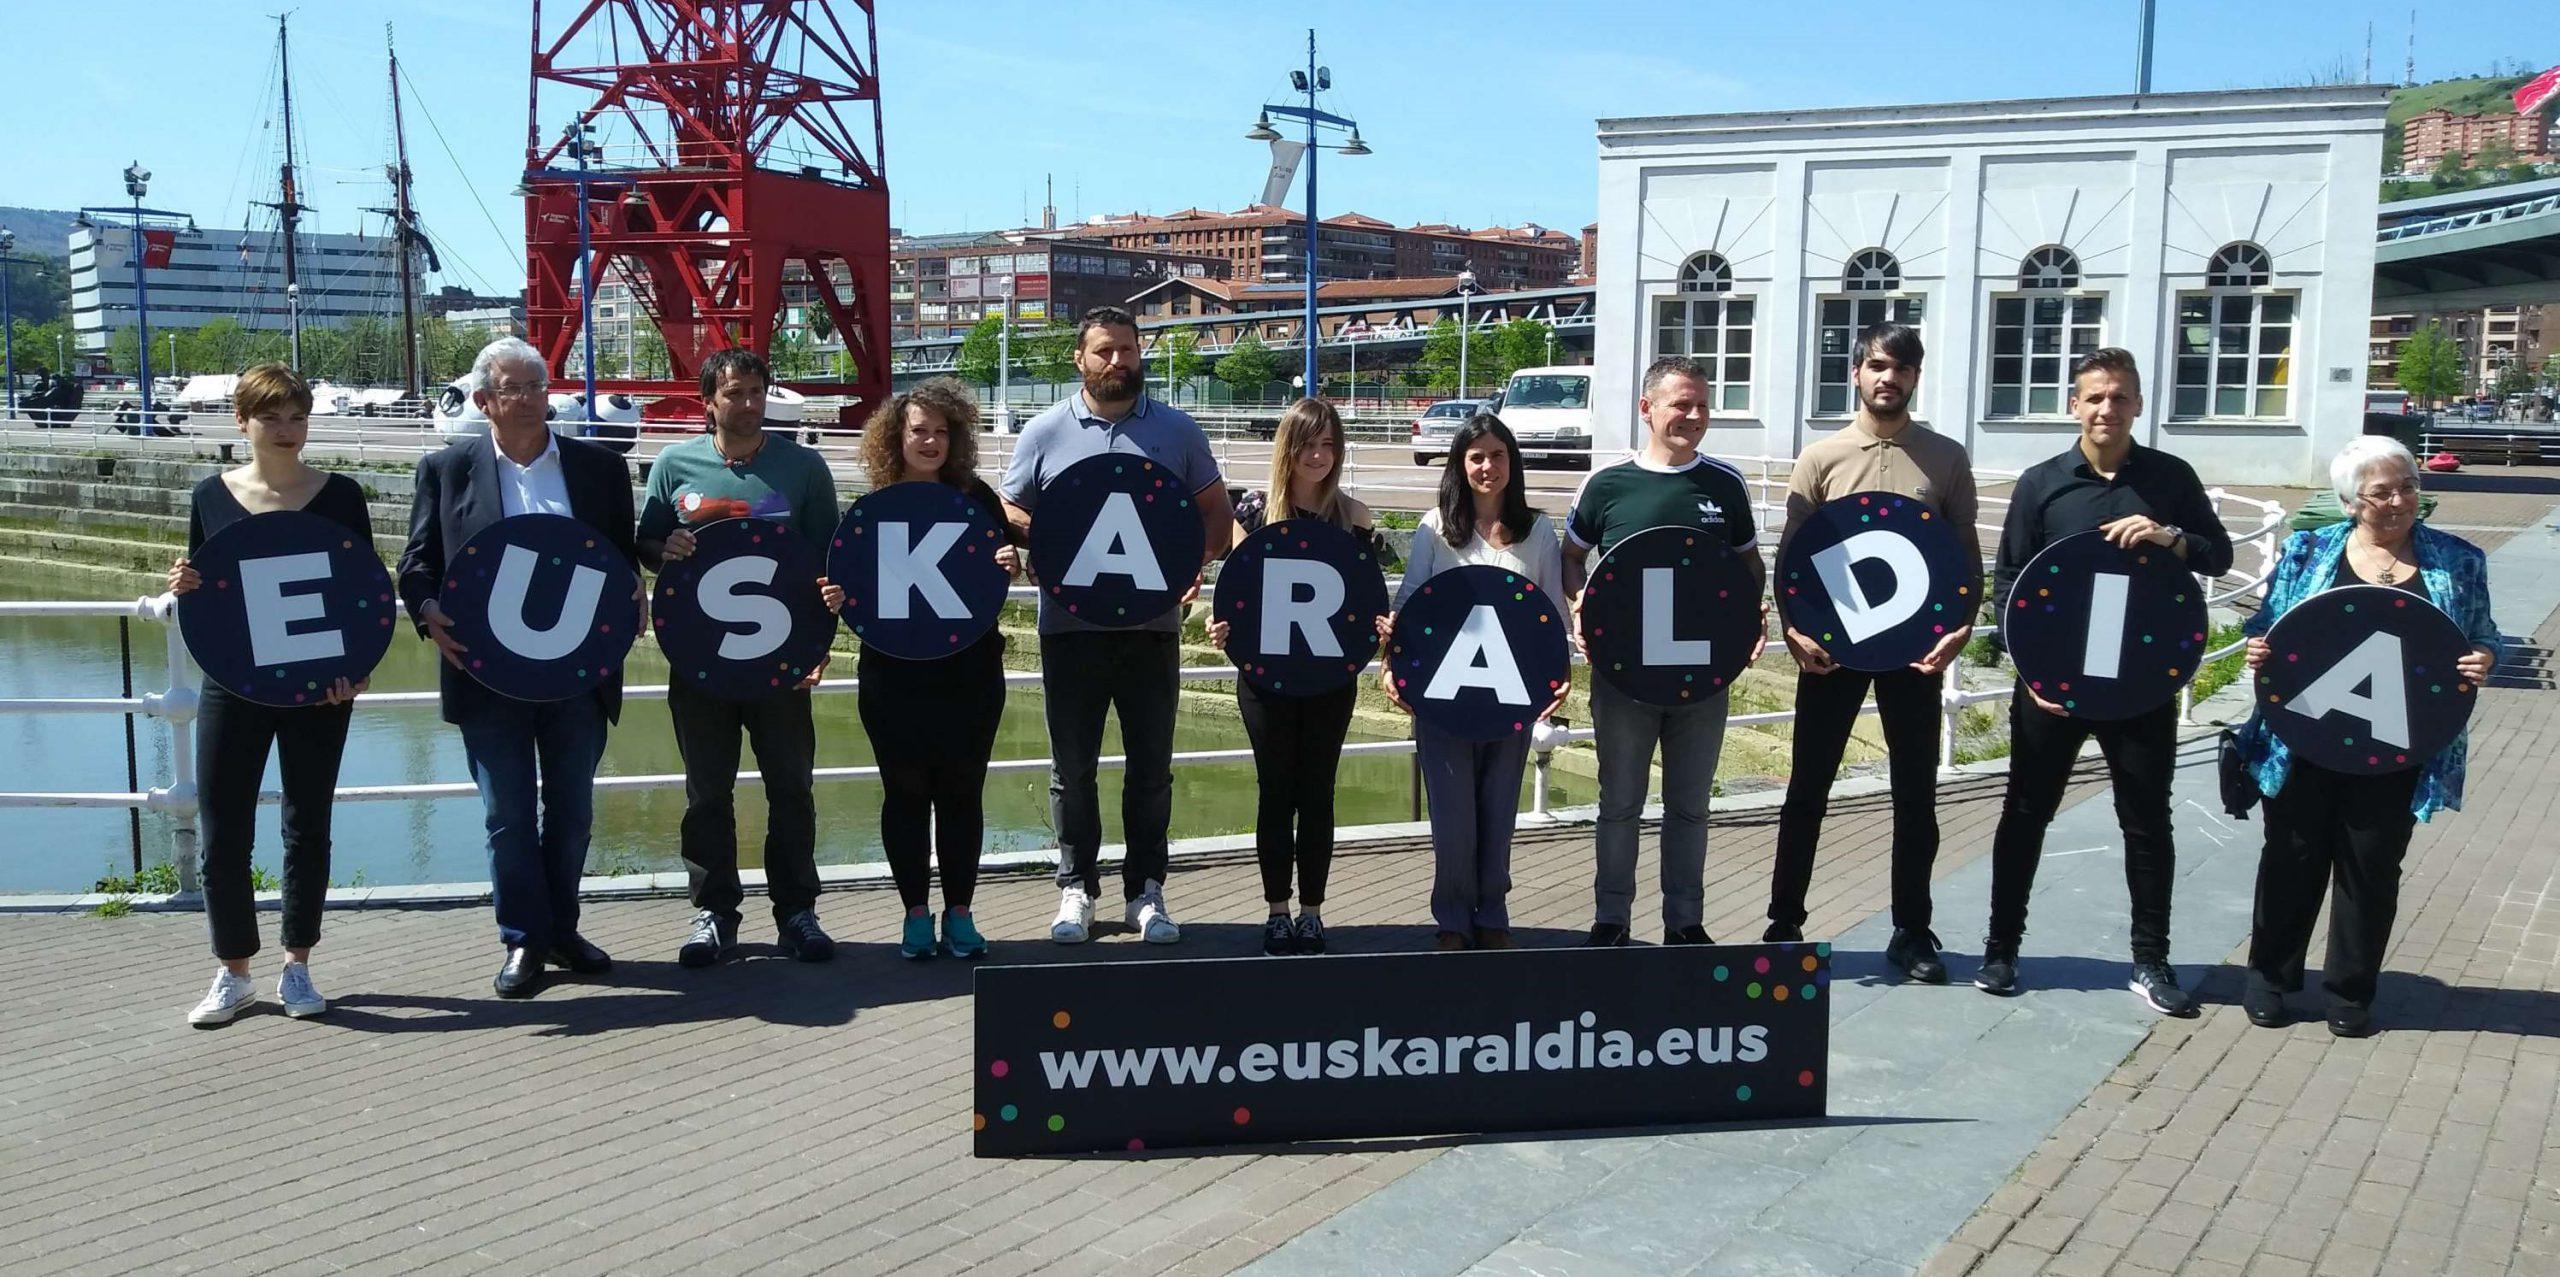 Euskaraldia 2020: Cientos de empresas y entidades se unen a la nueva edición